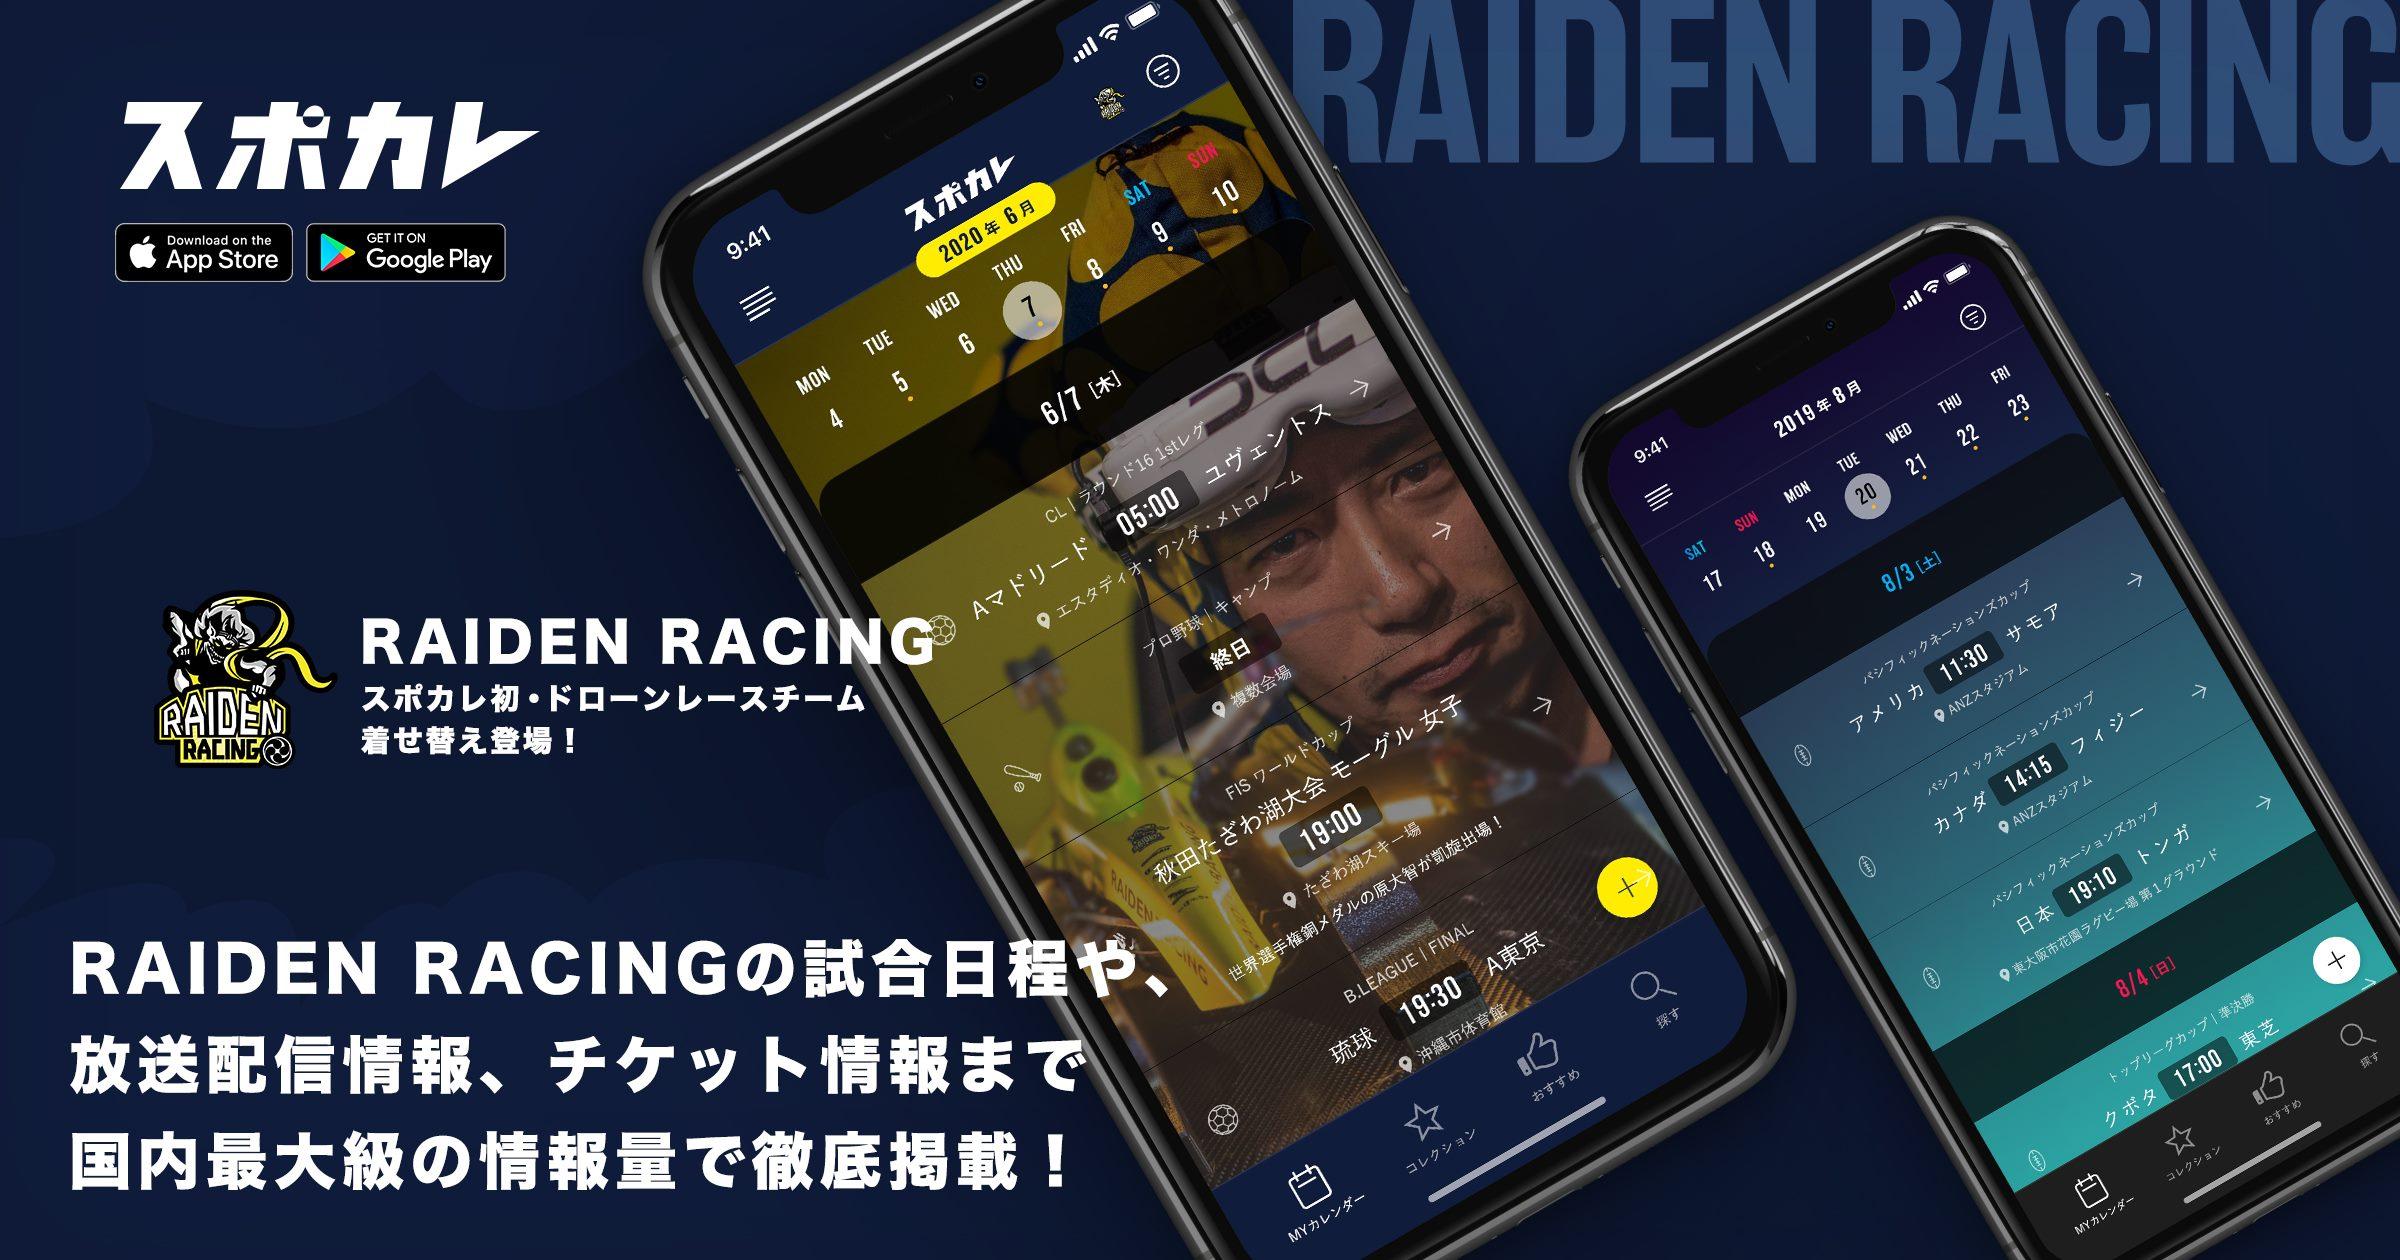 「RAIDEN RACING公式カレンダー」をスポーツ観戦情報アプリ「スポカレ」にて 配信を開始しました。